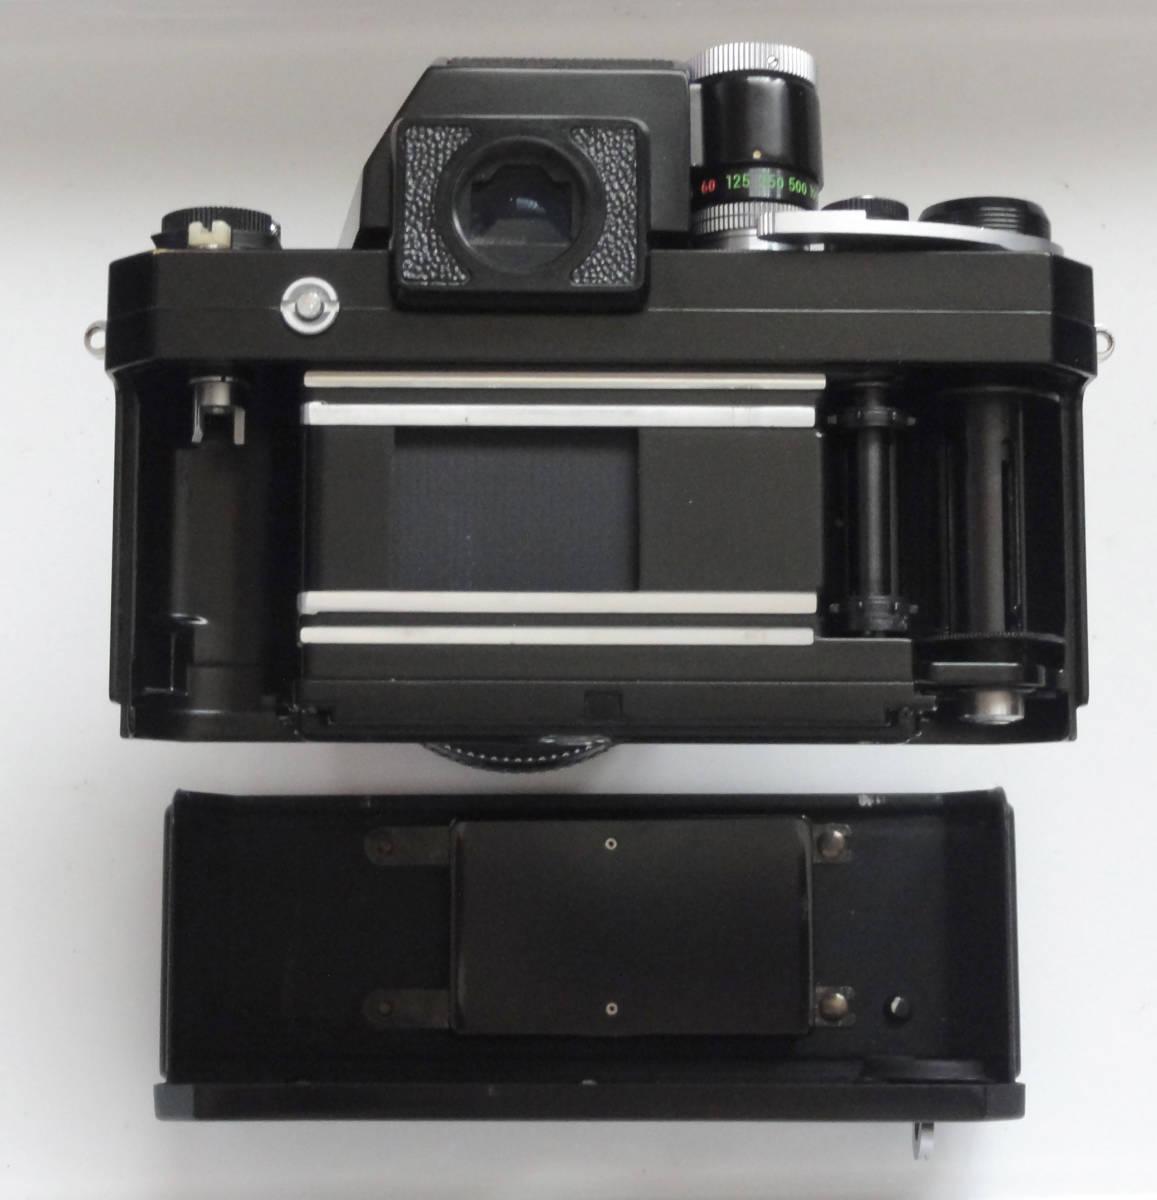 ニコンFブラックボディーフォトミックファインダーFTn付き、標準レンズの外観が大きい50mmF1.4のNikkor付き_画像7